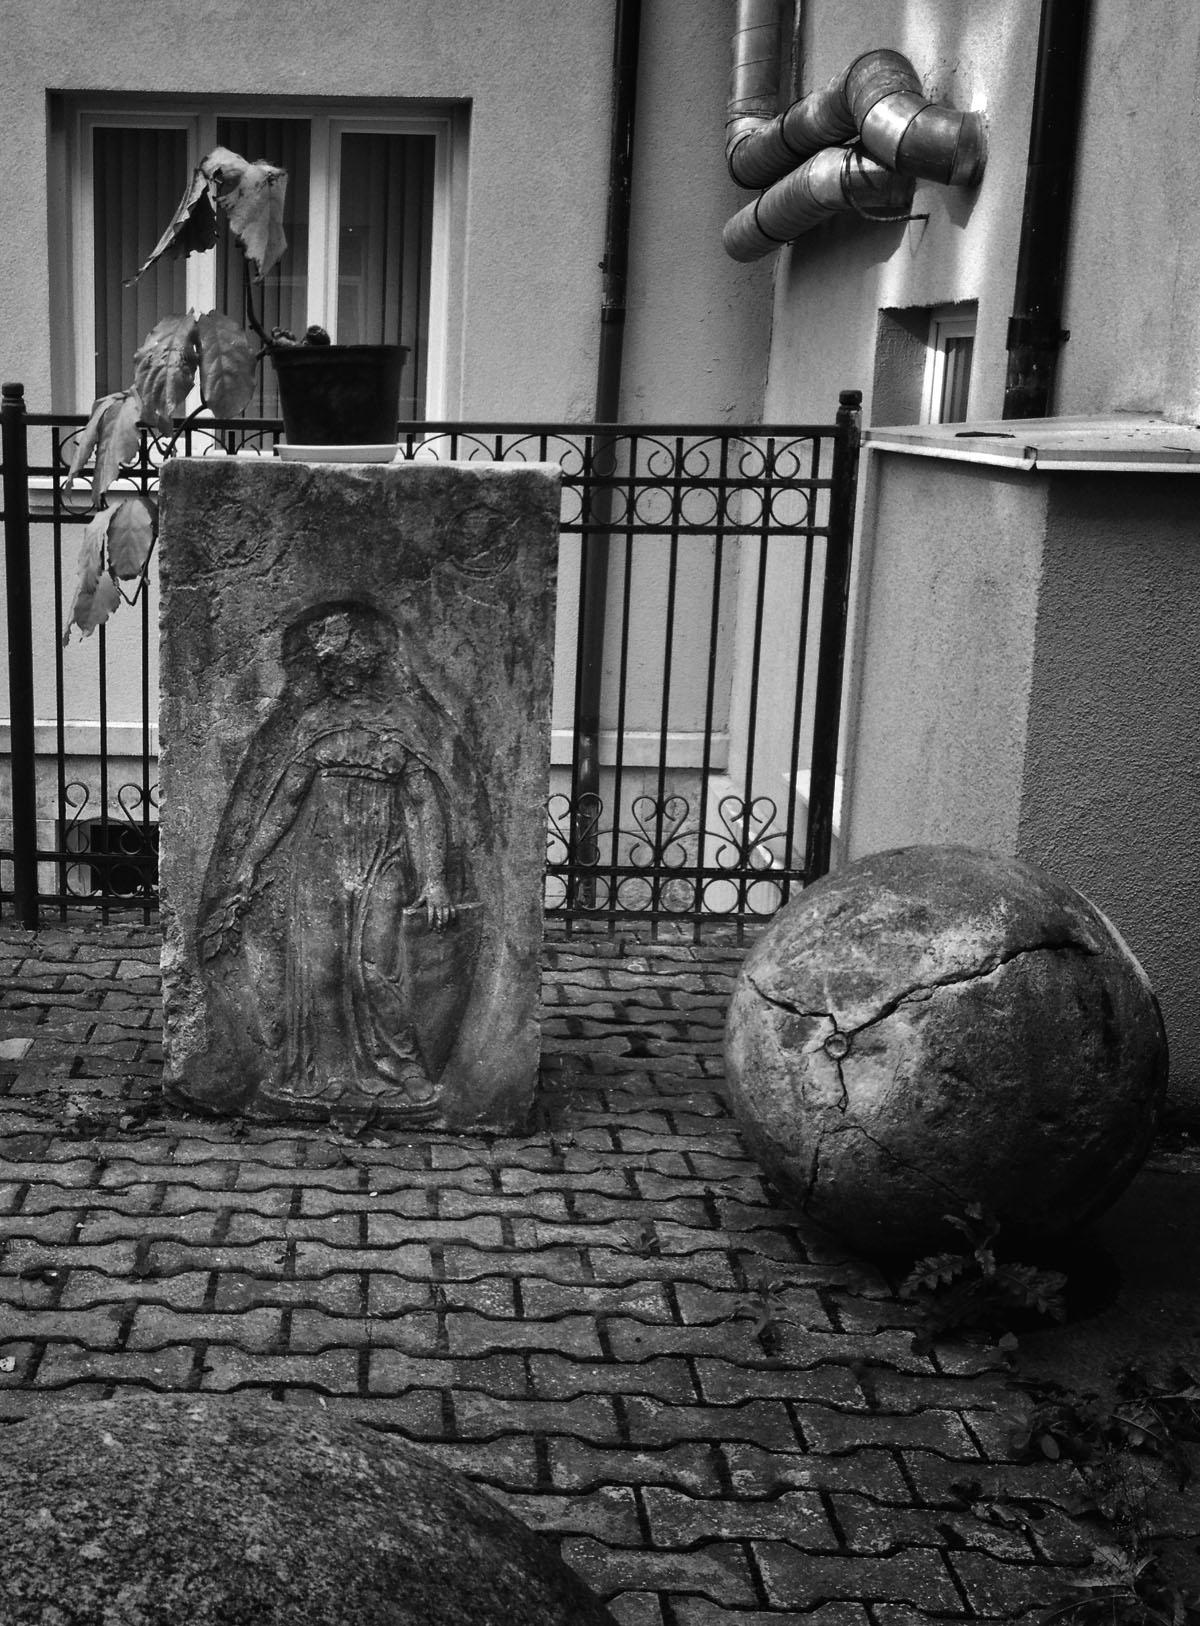 Станислаус Кауэр. Надгробная плита. Внутренний дворик университета имени Канта